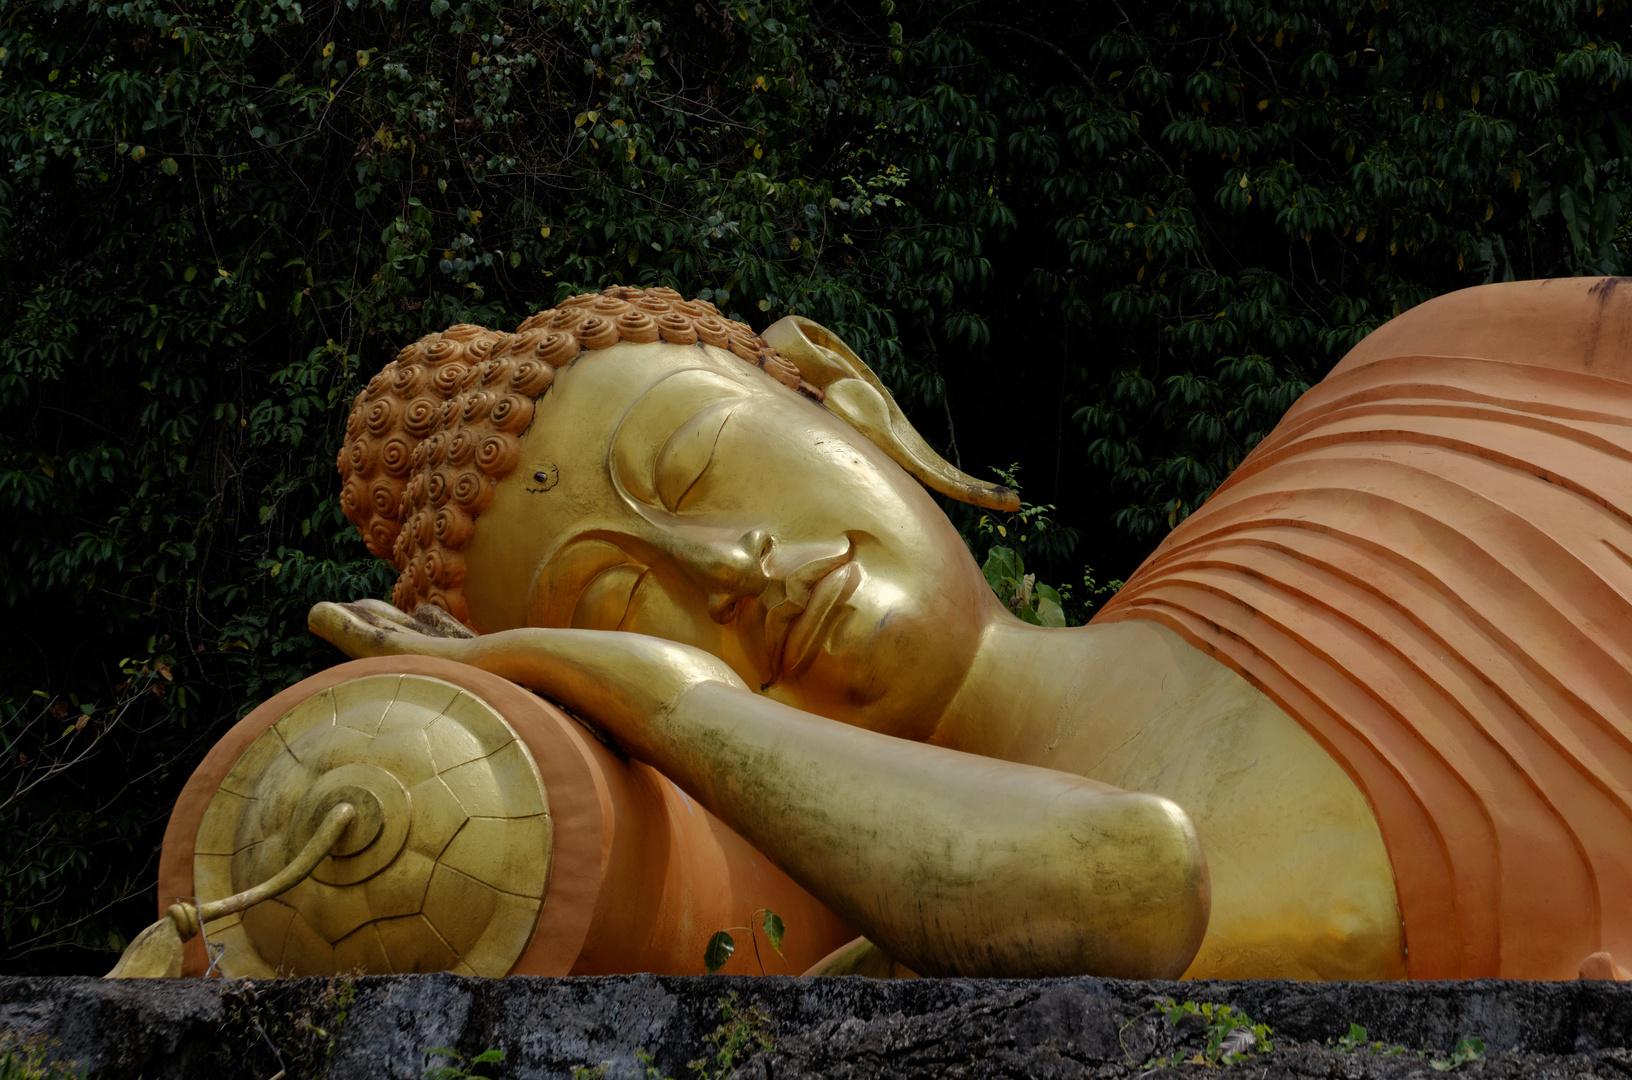 Liegender Buddha, Wat Nong Chik, Krabi, Februar 2014